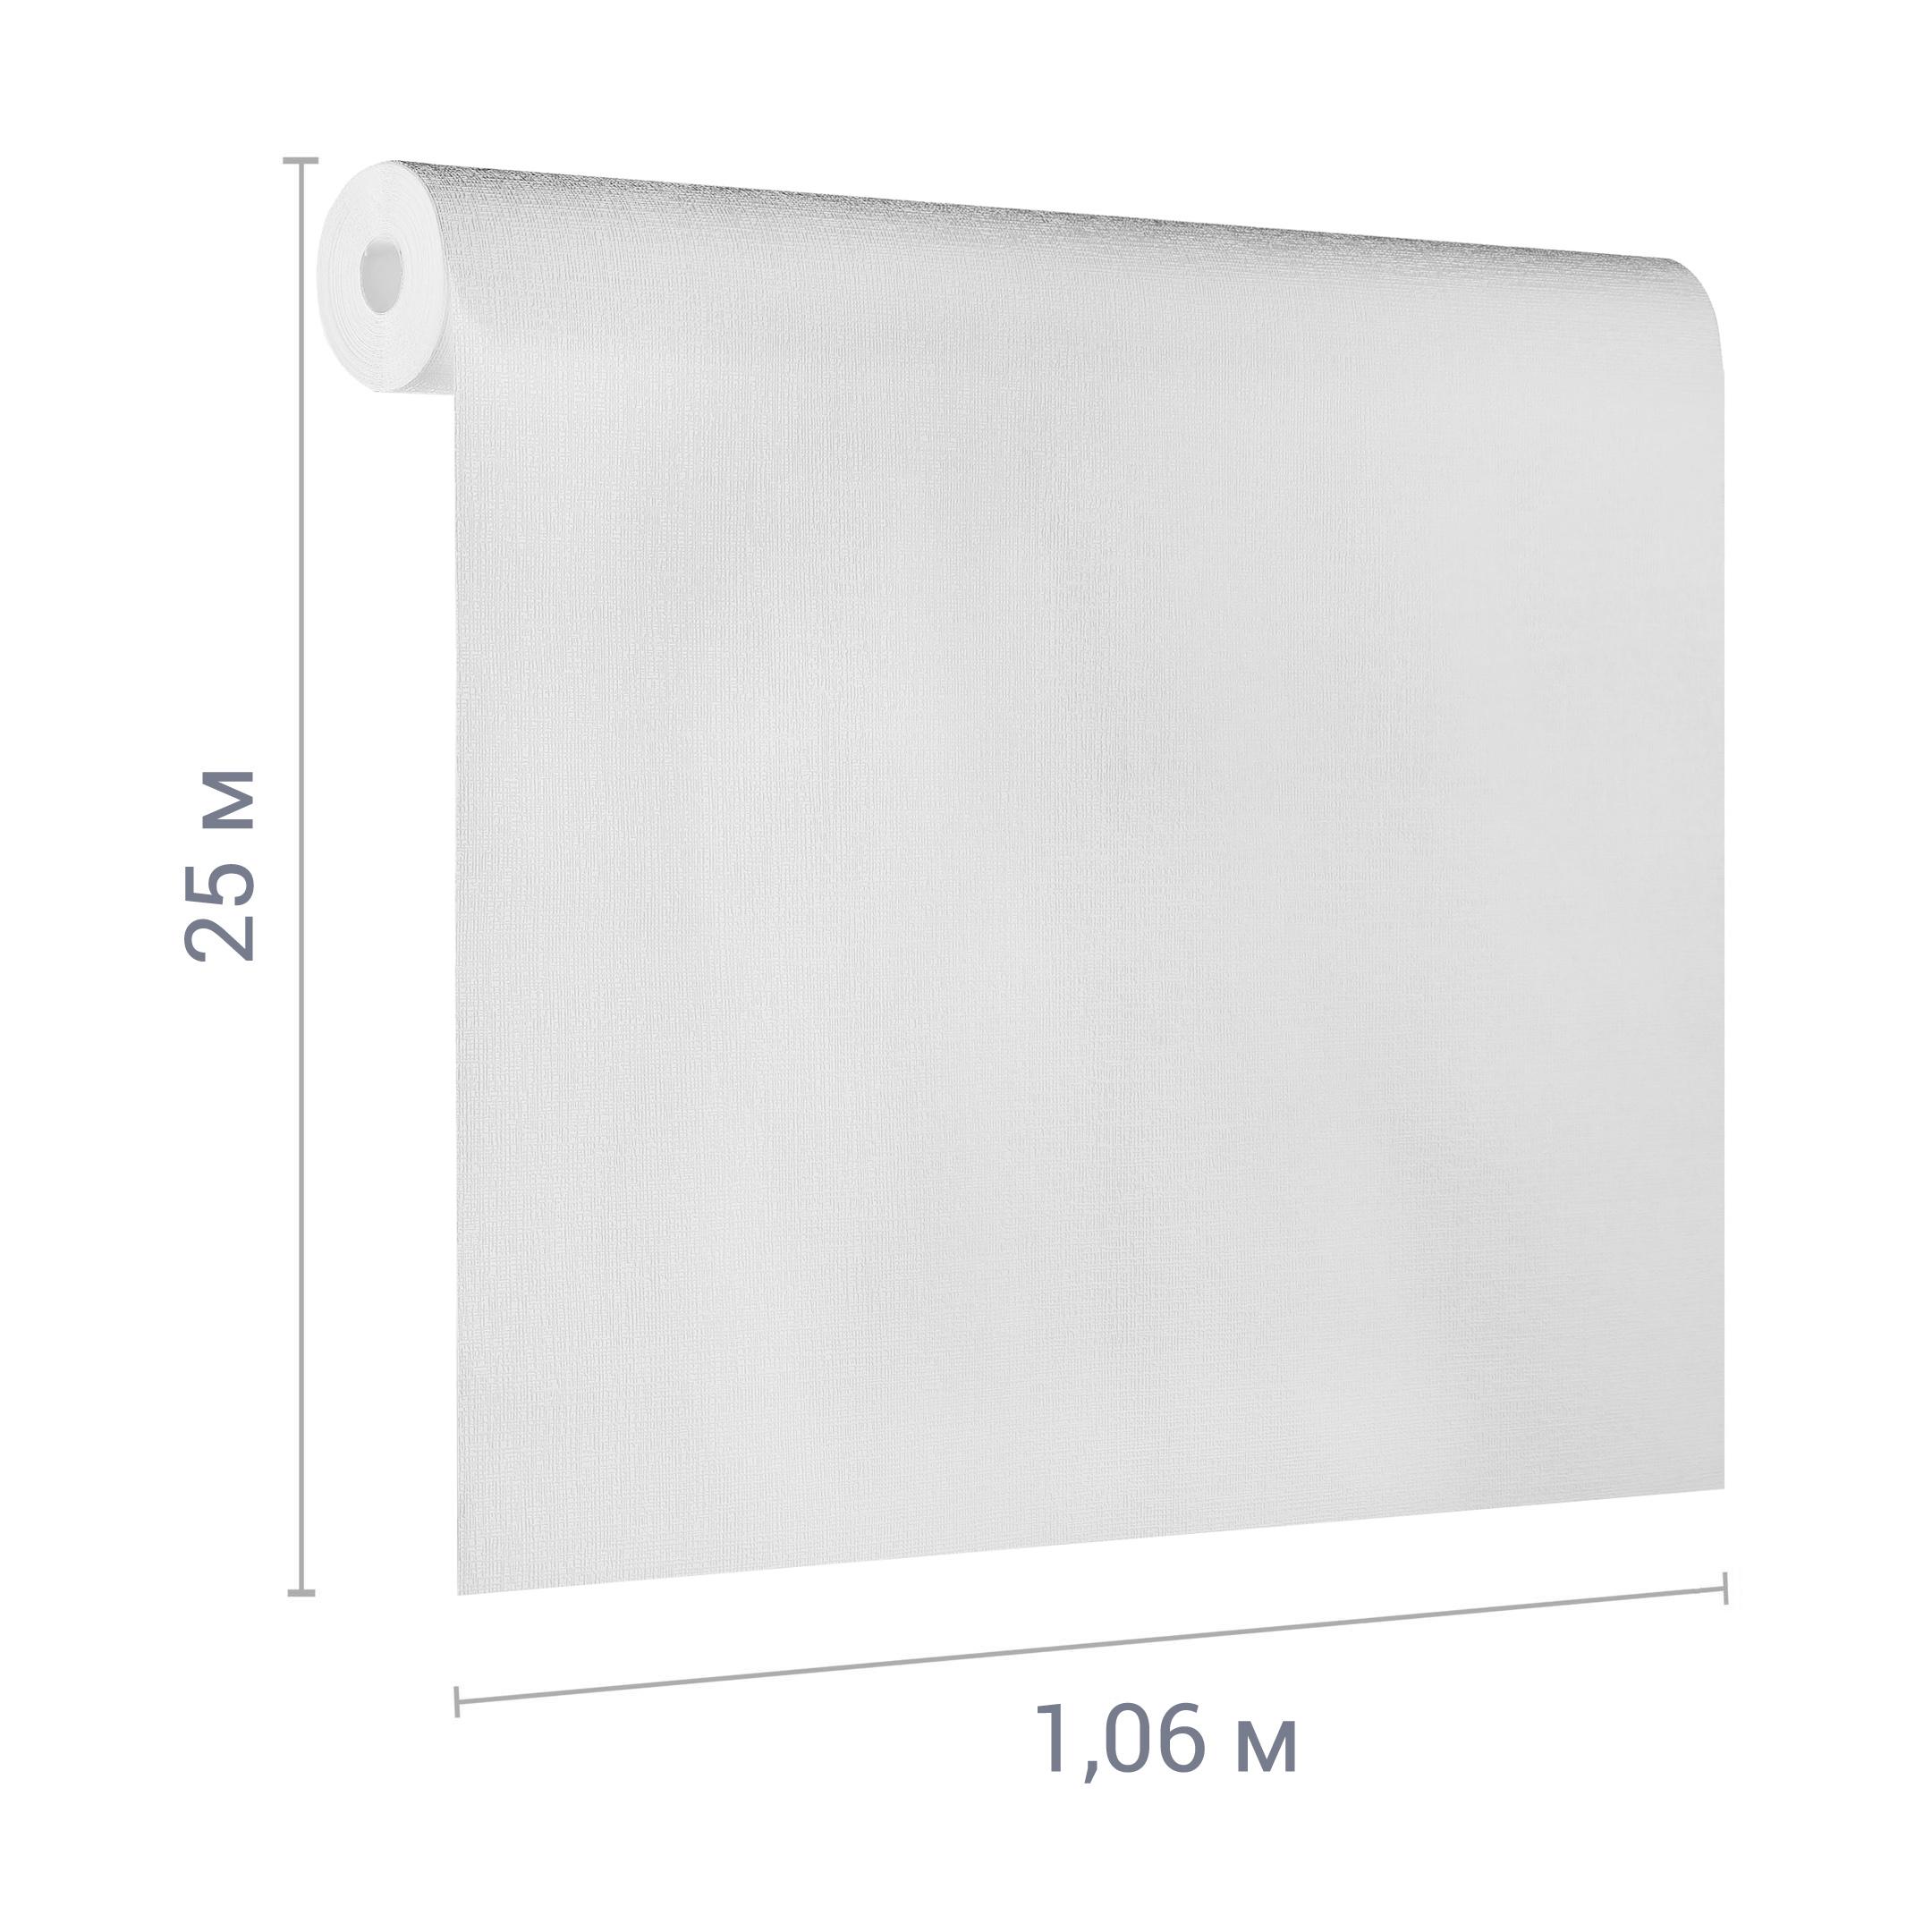 Обои под покраску виниловые на флизелиновой основе фактурные Ateliero 2519 (106х25 м) плотность 113 г/кв.м.